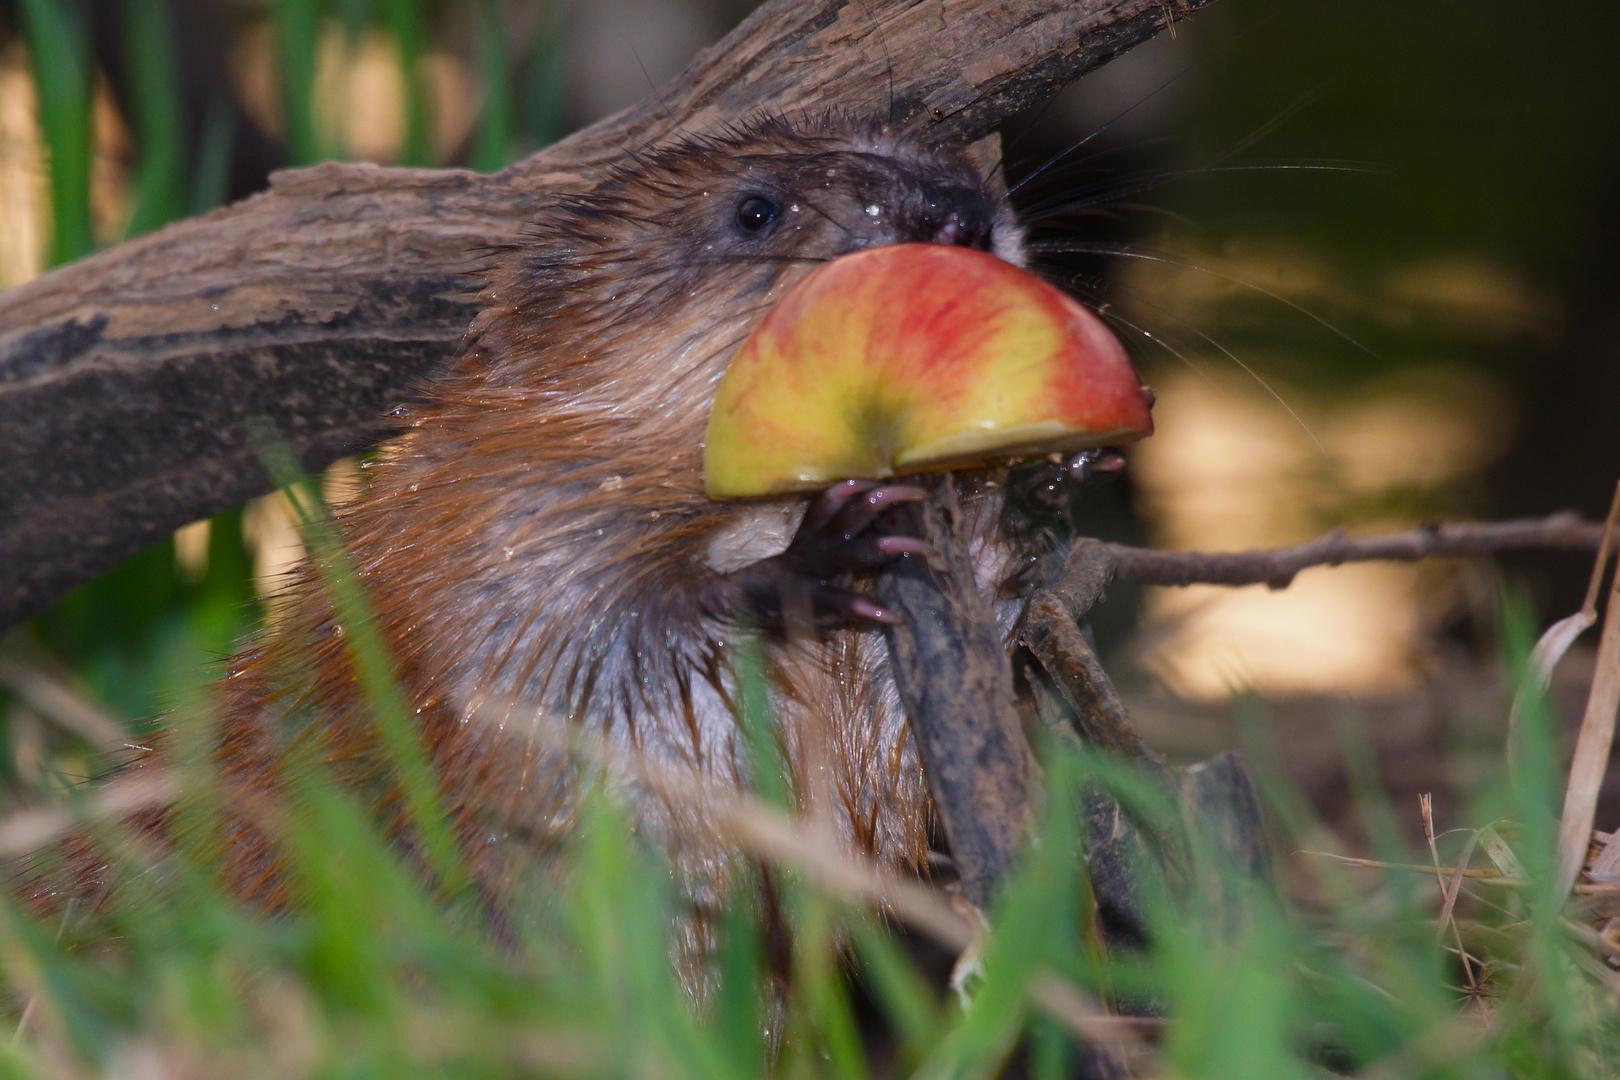 Mit Speck fängt man Mäuse , mit Vitamin C den Bisam